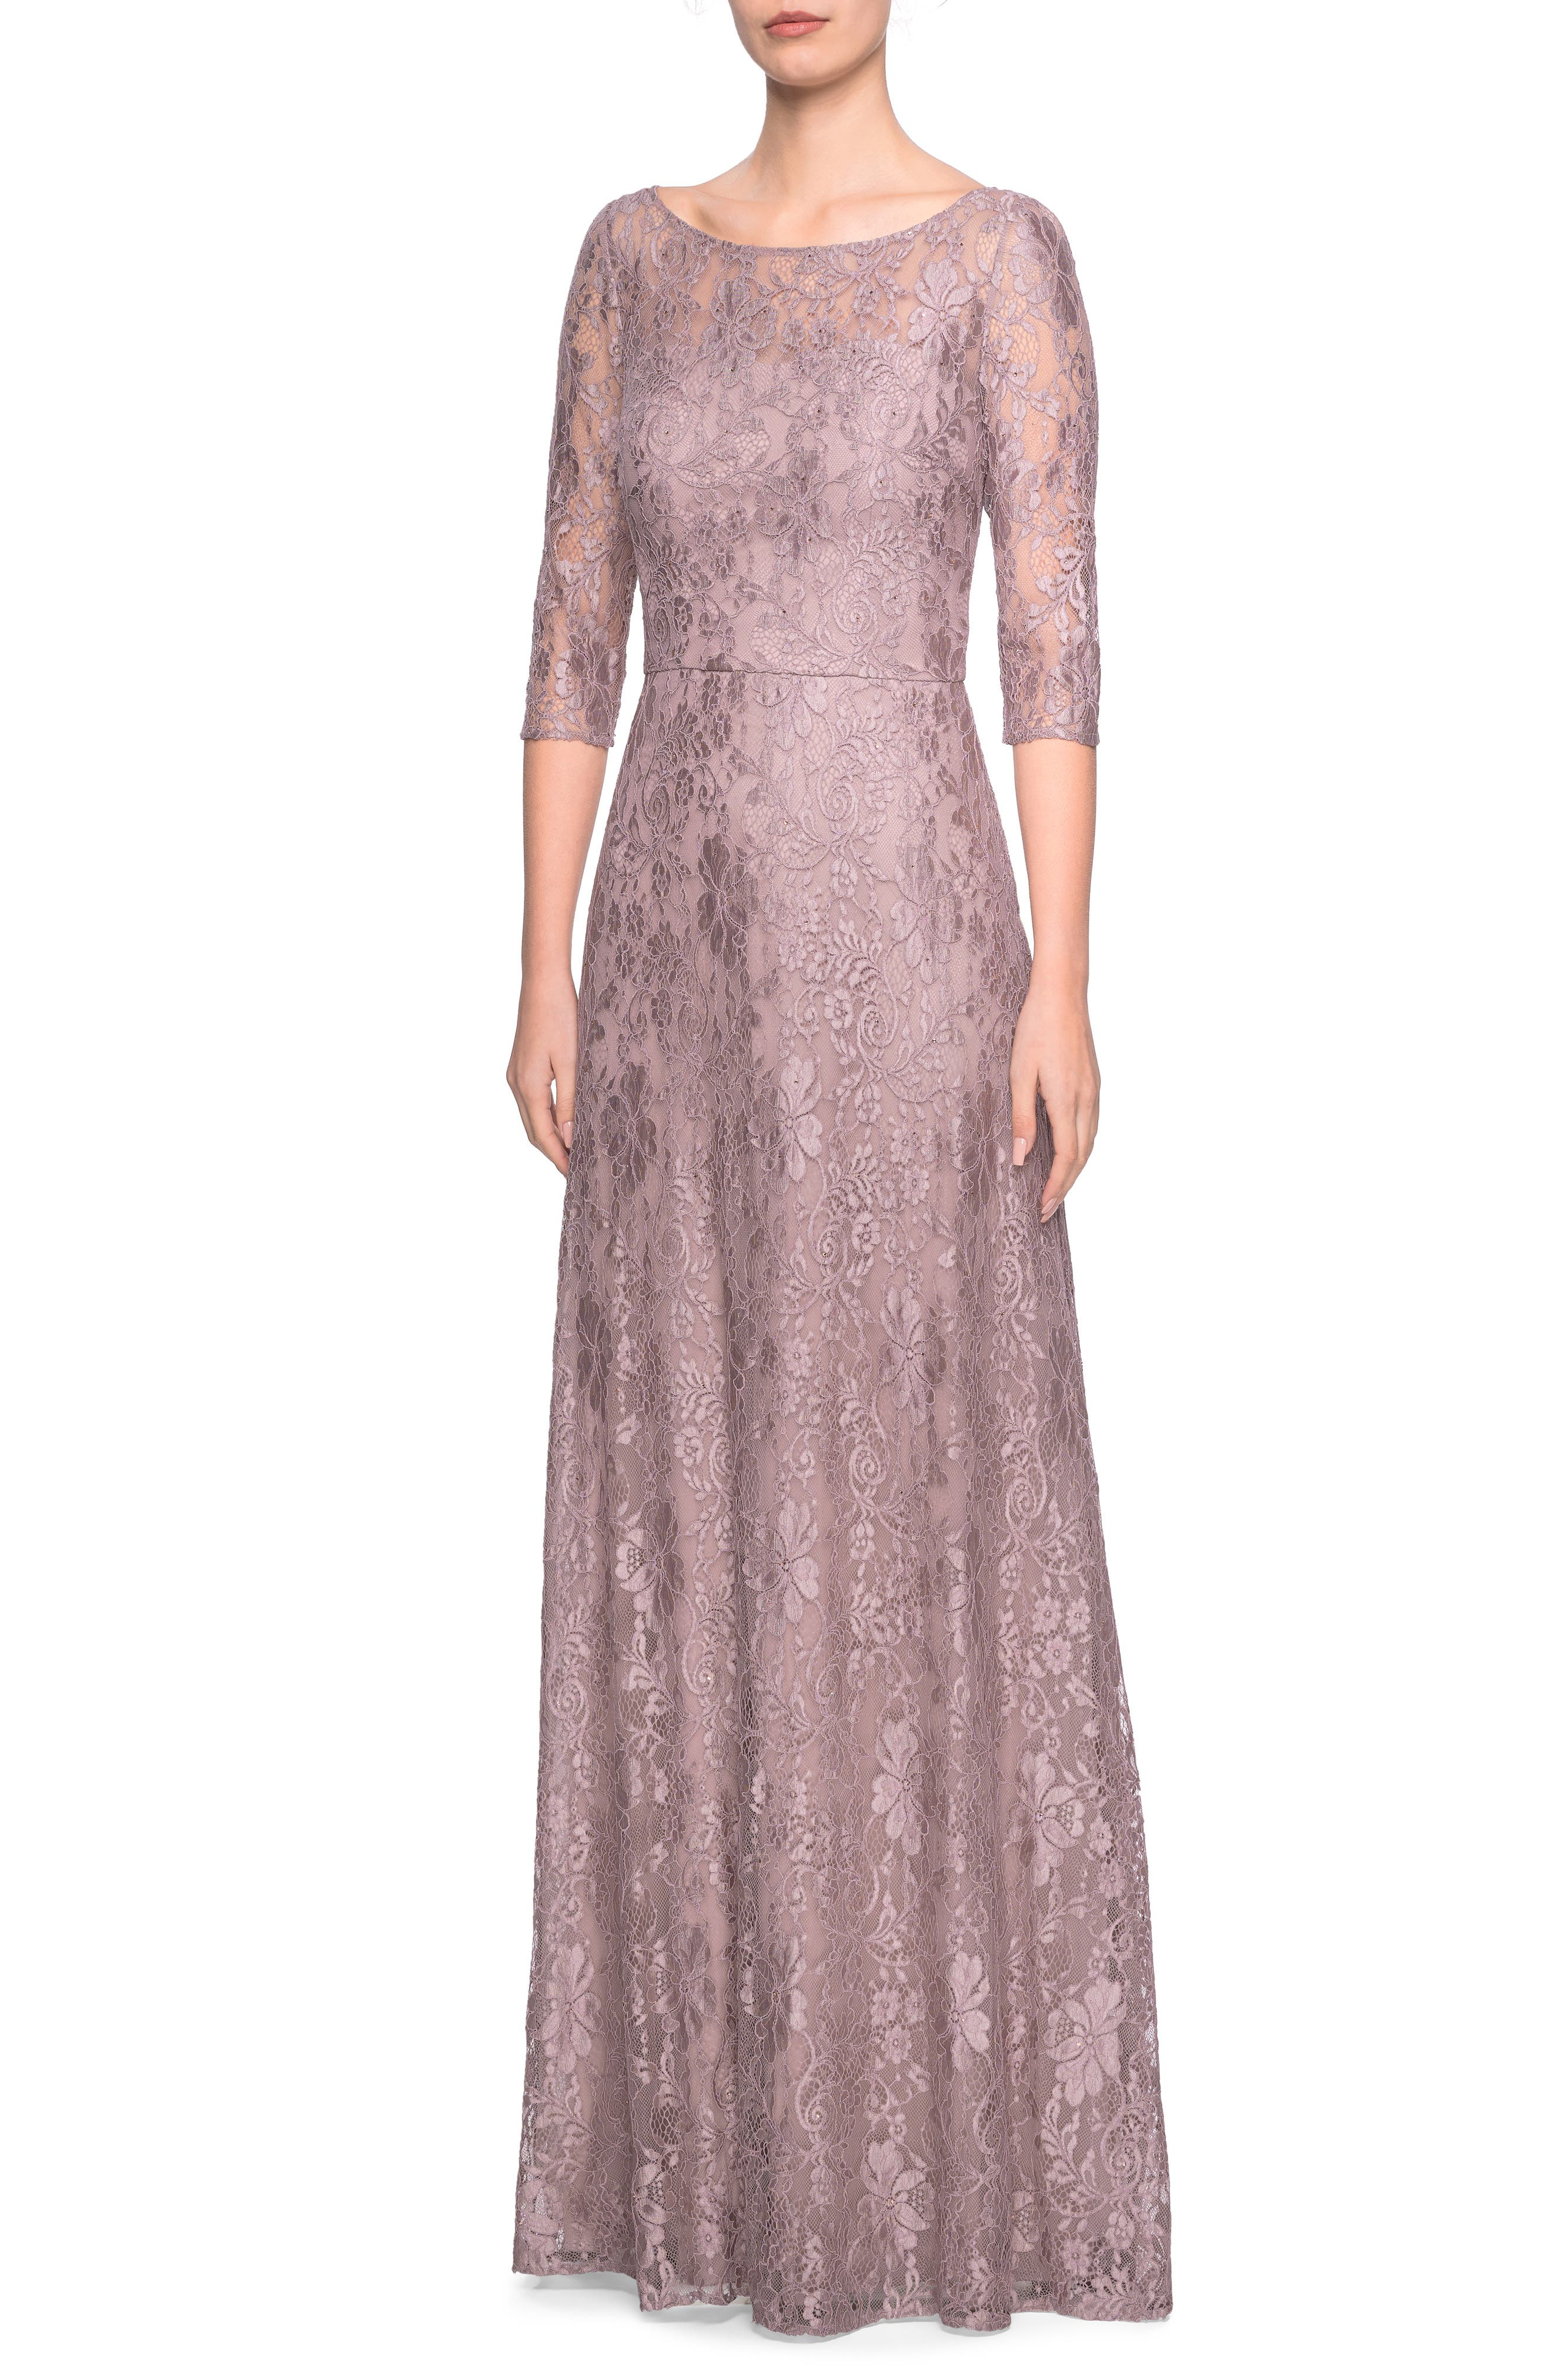 La Femme Lace Evening Dress, Brown